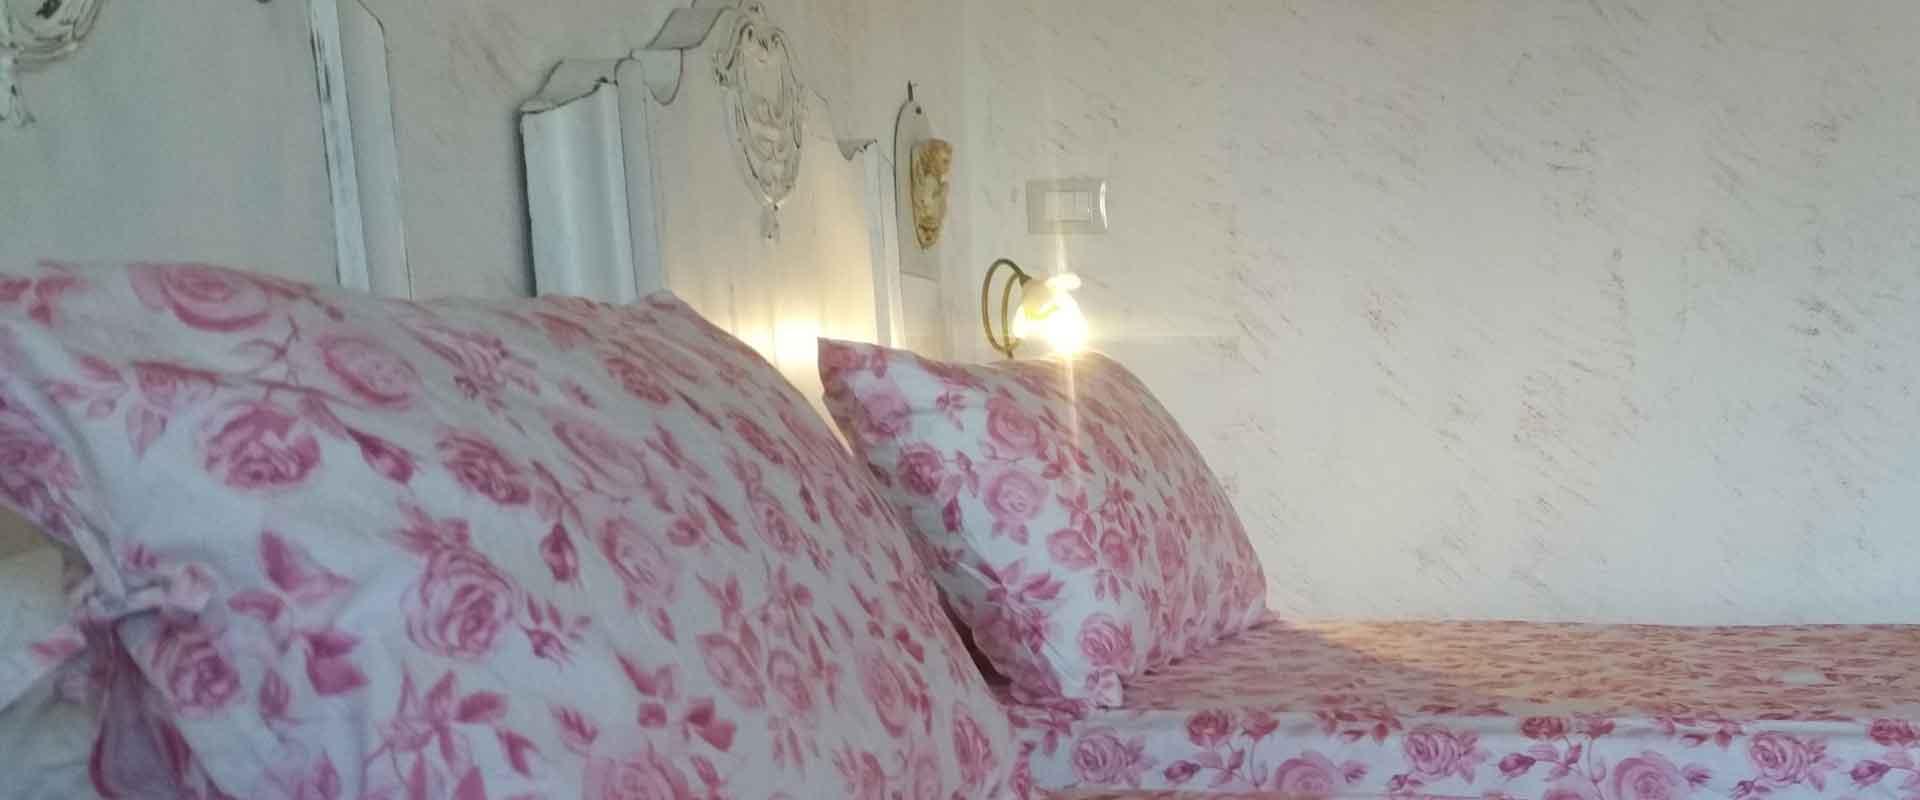 La tua camera per dormire sonni tranquilli in ambienti ricercati